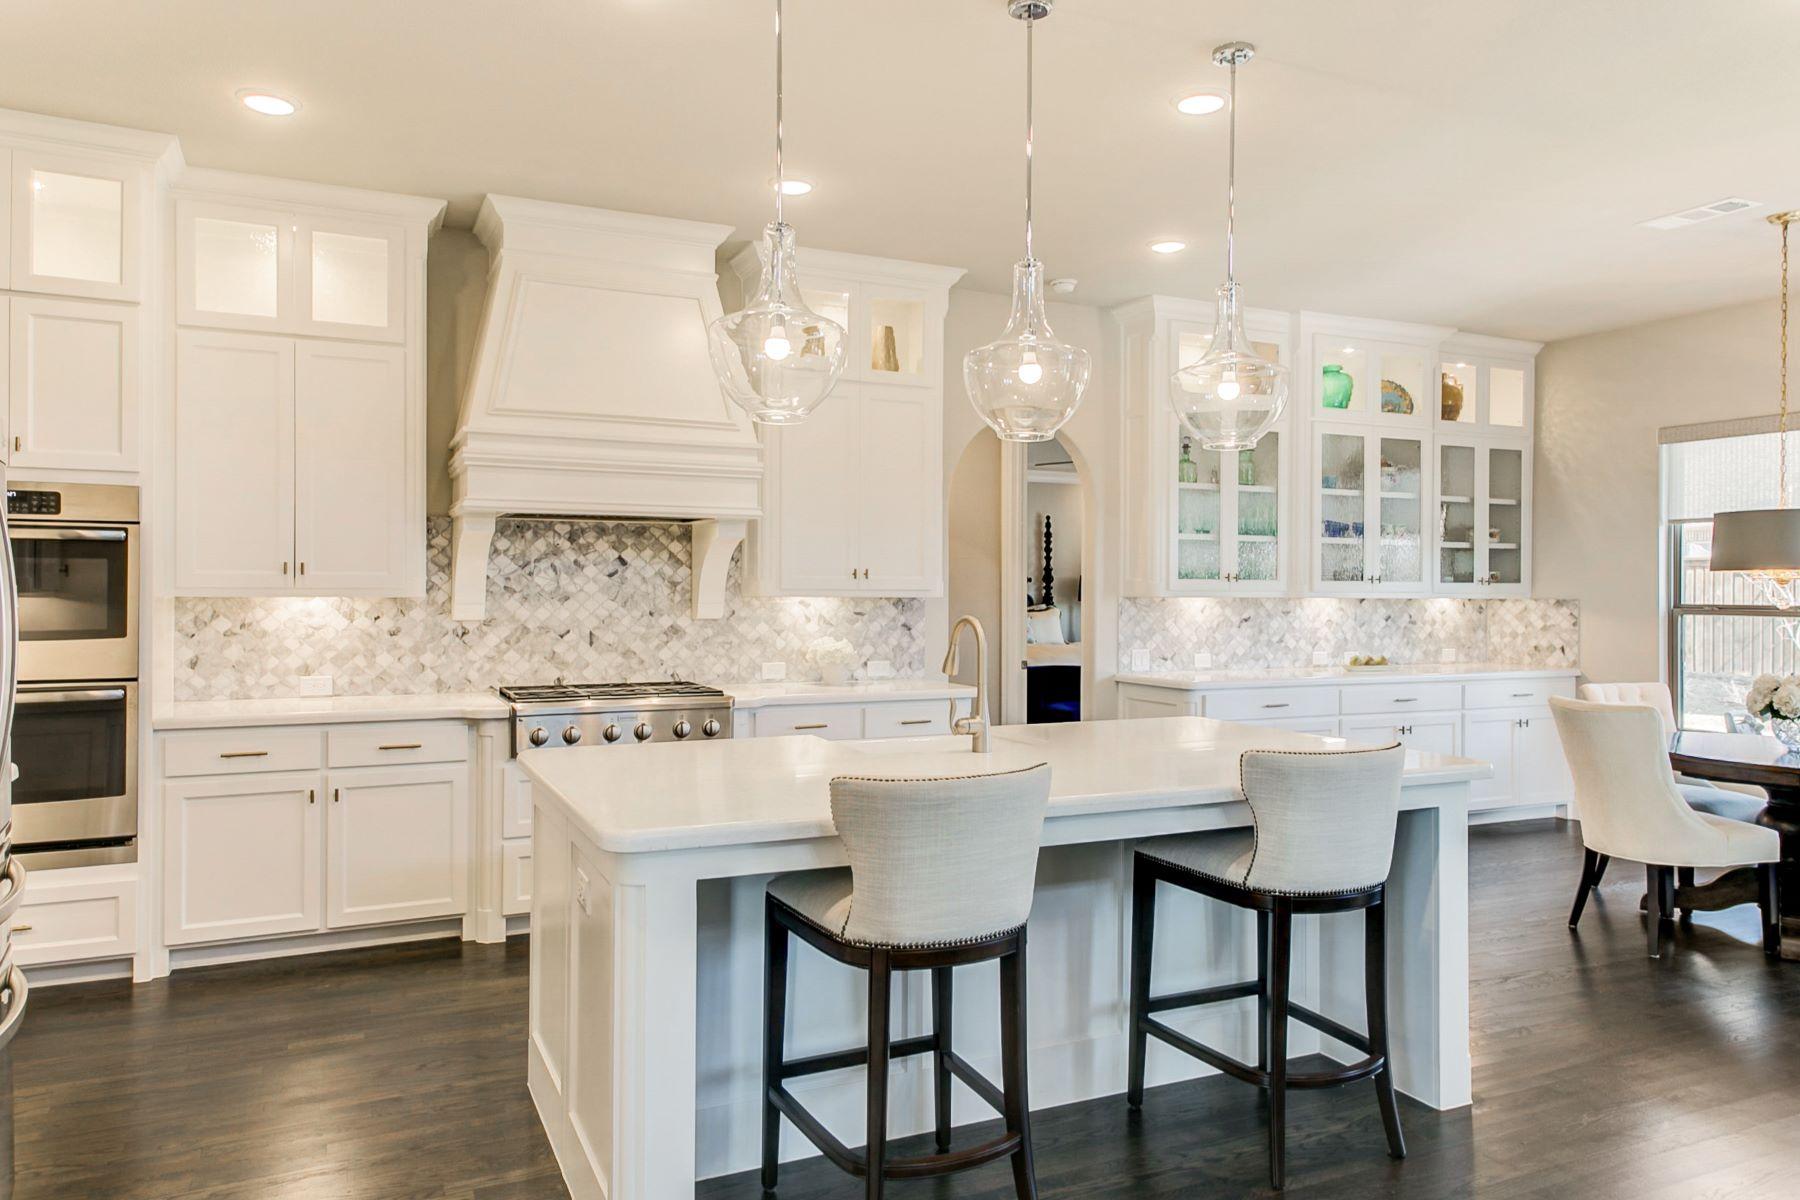 Single Family Homes für Verkauf beim Newman Village 12818 Cross Point Drive, Frisco, Texas 75033 Vereinigte Staaten